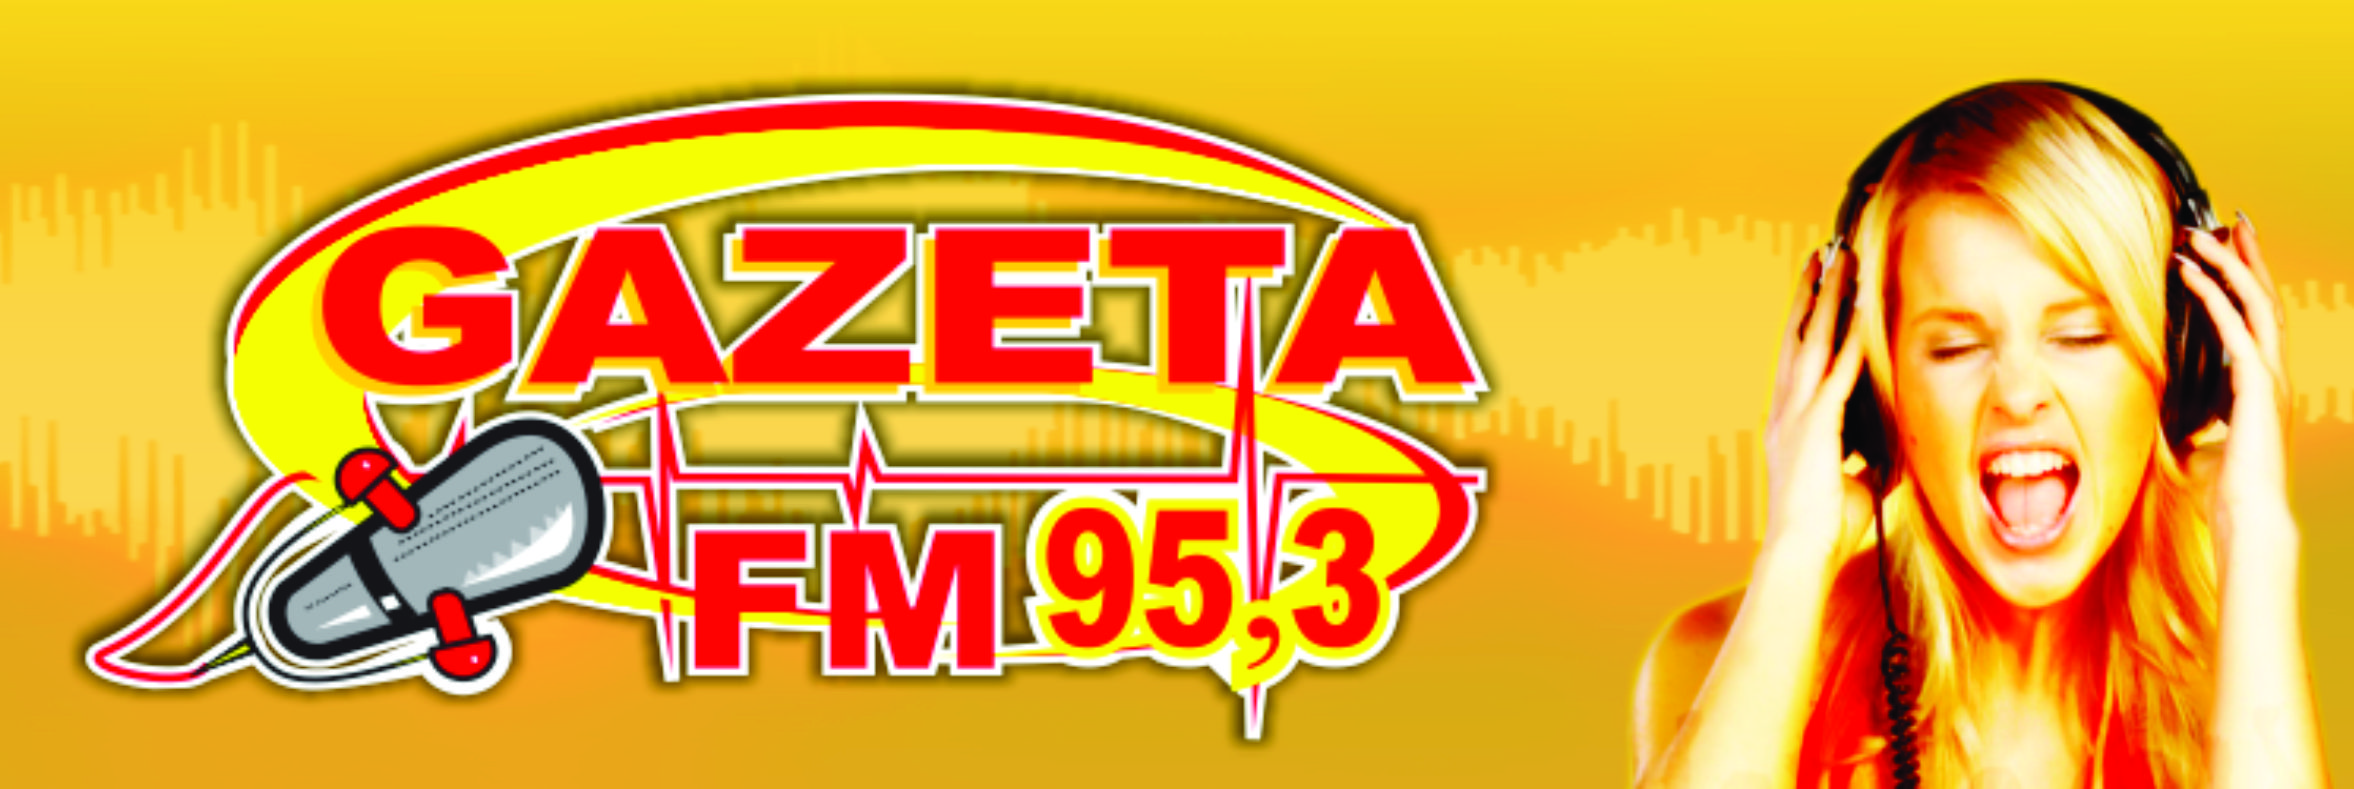 Rádio Gazeta FM 95,3 MHz